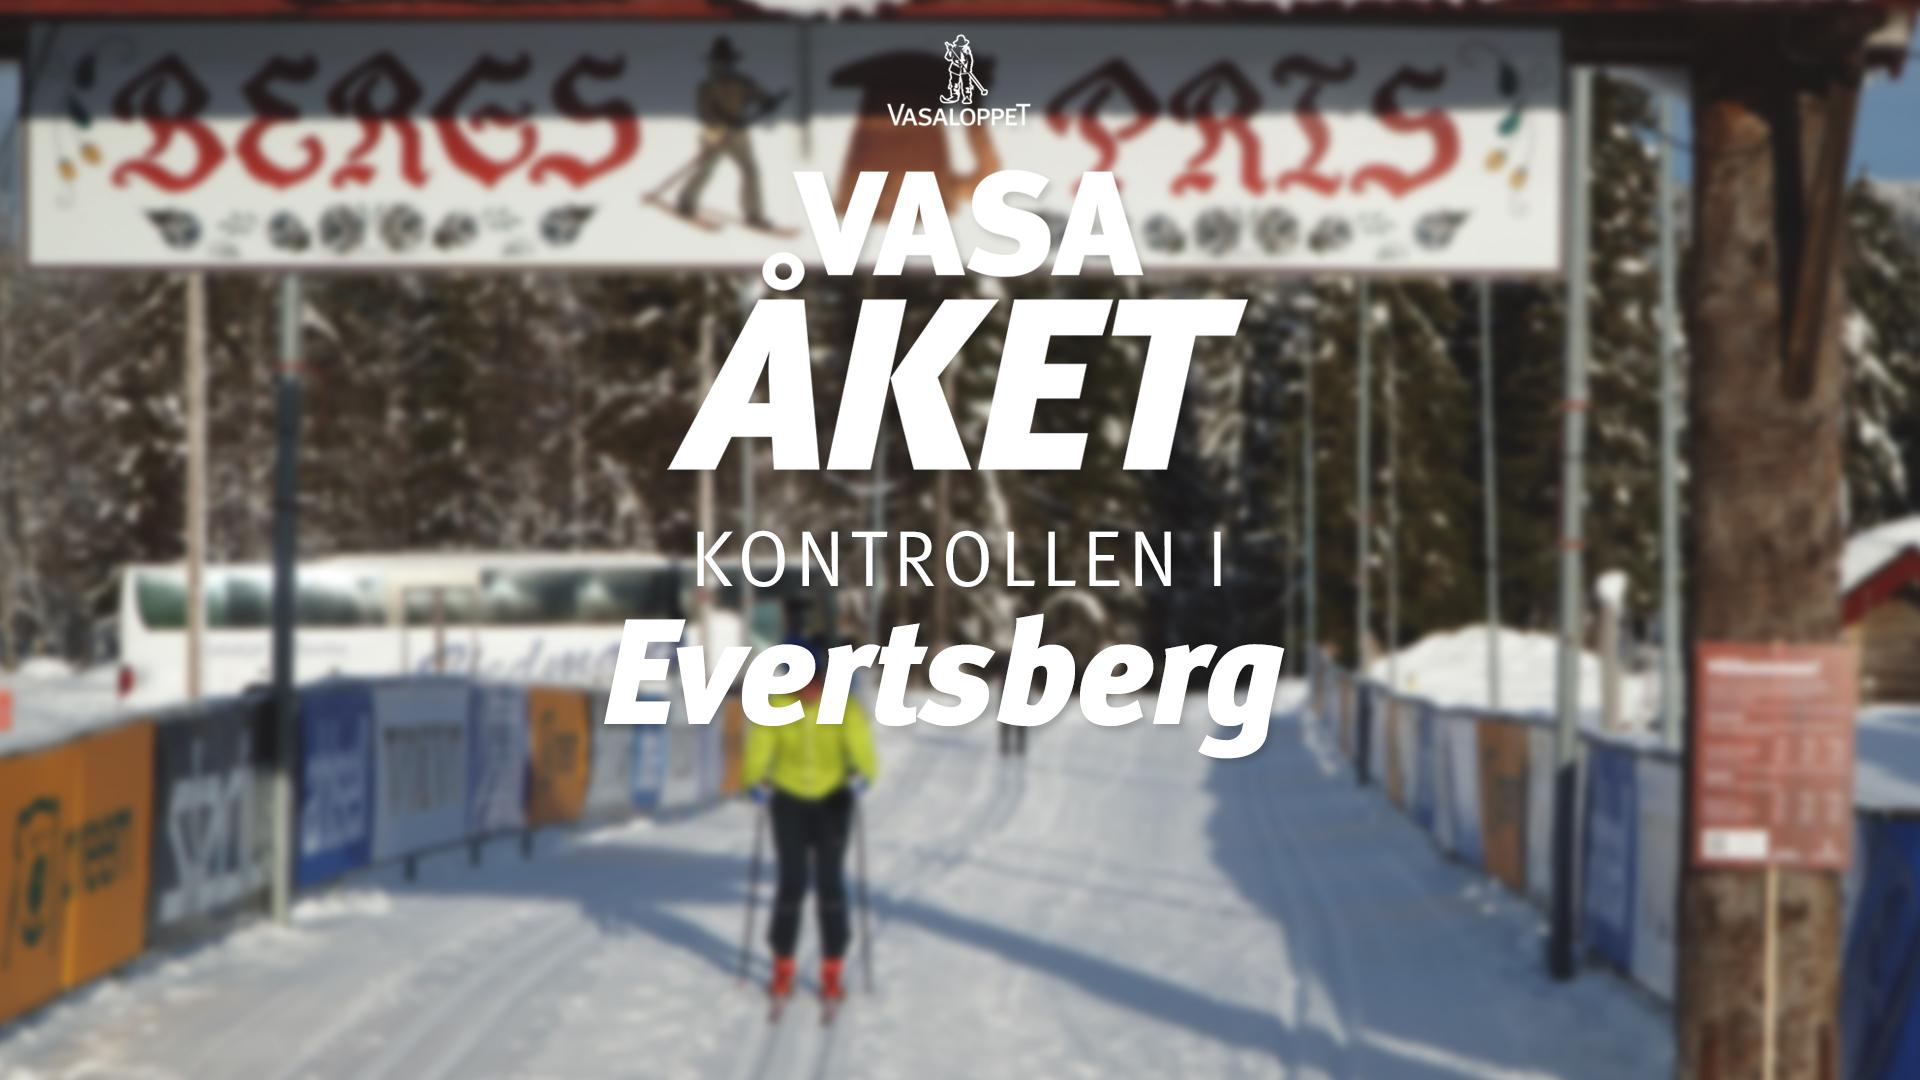 20 februari, 2021 – Evertsberg